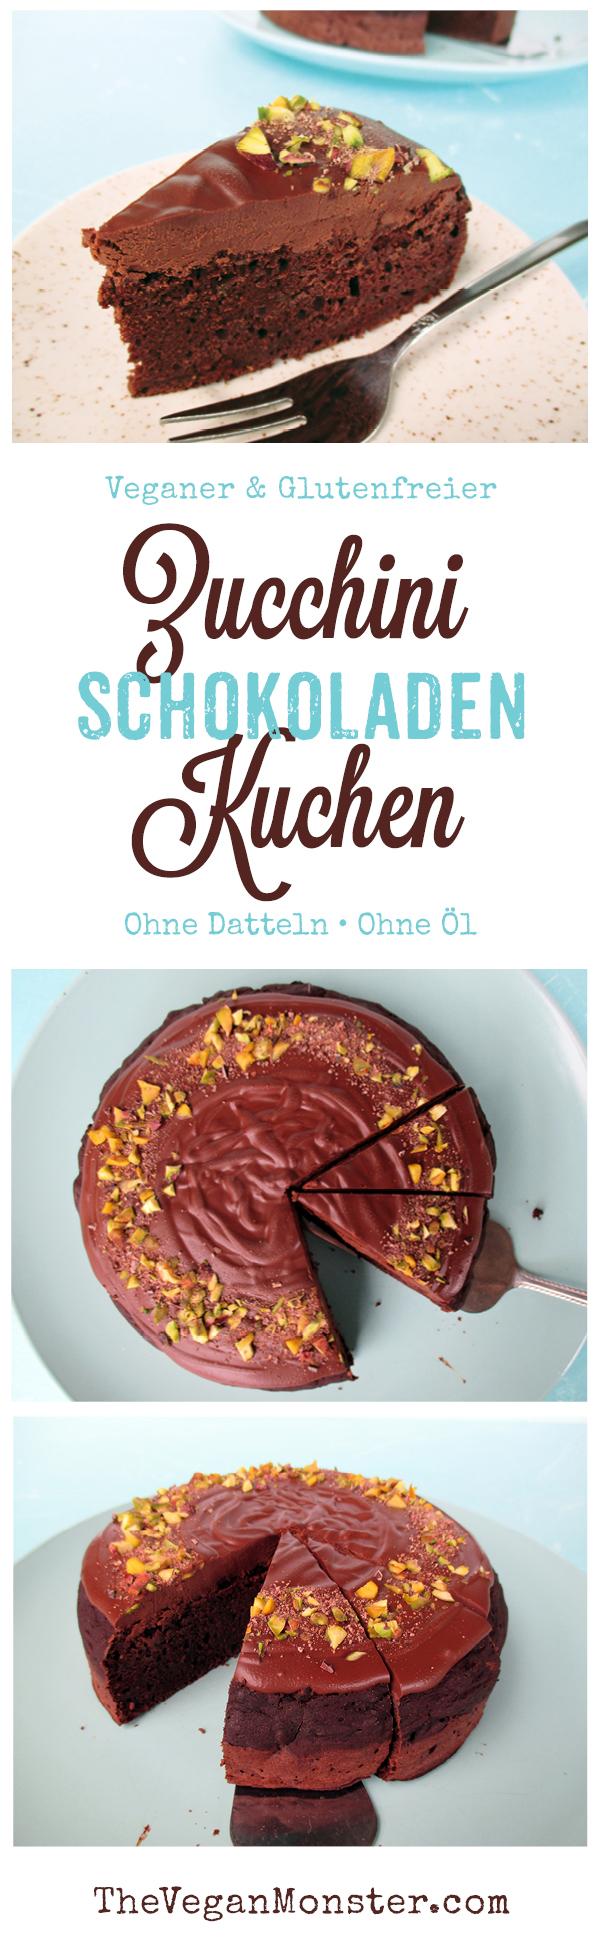 Veganer Glutenfreier Zucchini Schokoladen Kuchen Rezept Ohne Oel